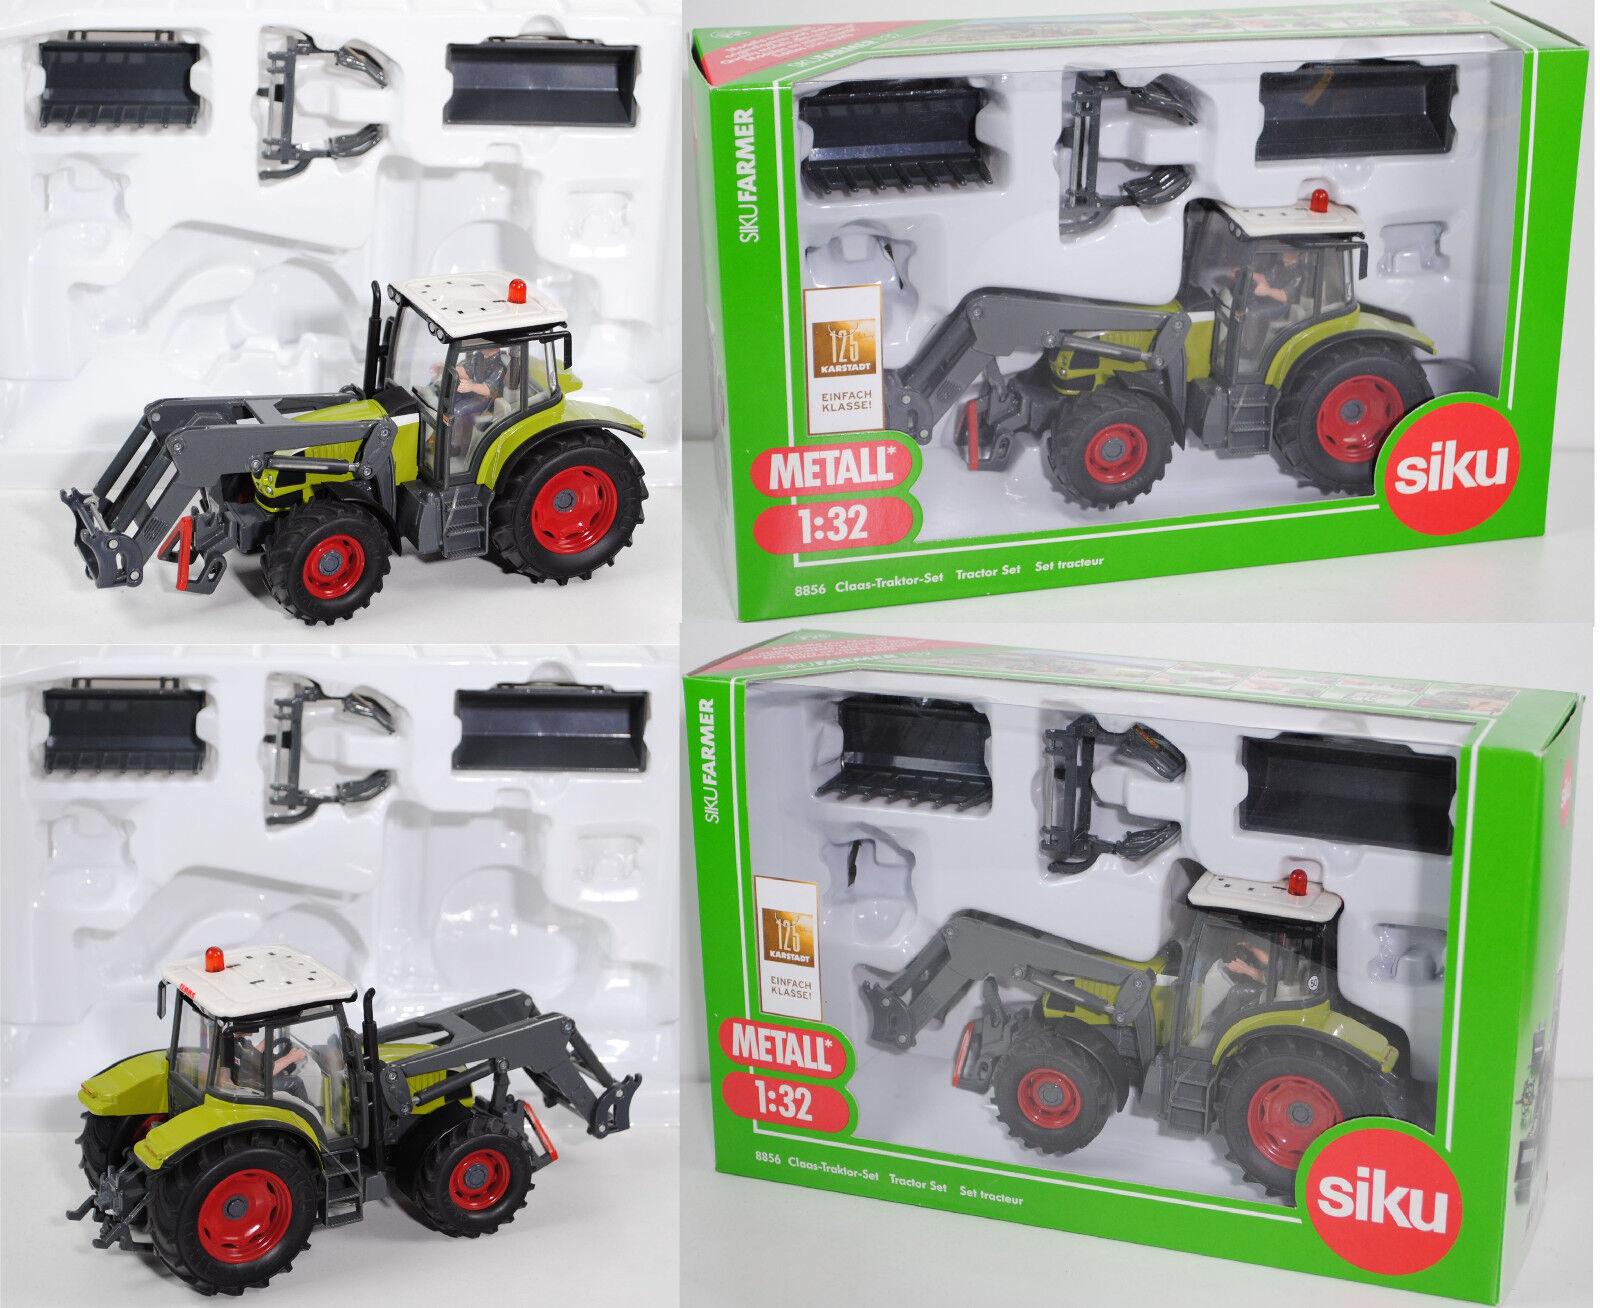 SIKU 8856 CLAAS-Tracteur-Set,  1 32, NEUF dans sa boîte  centre commercial professionnel intégré en ligne